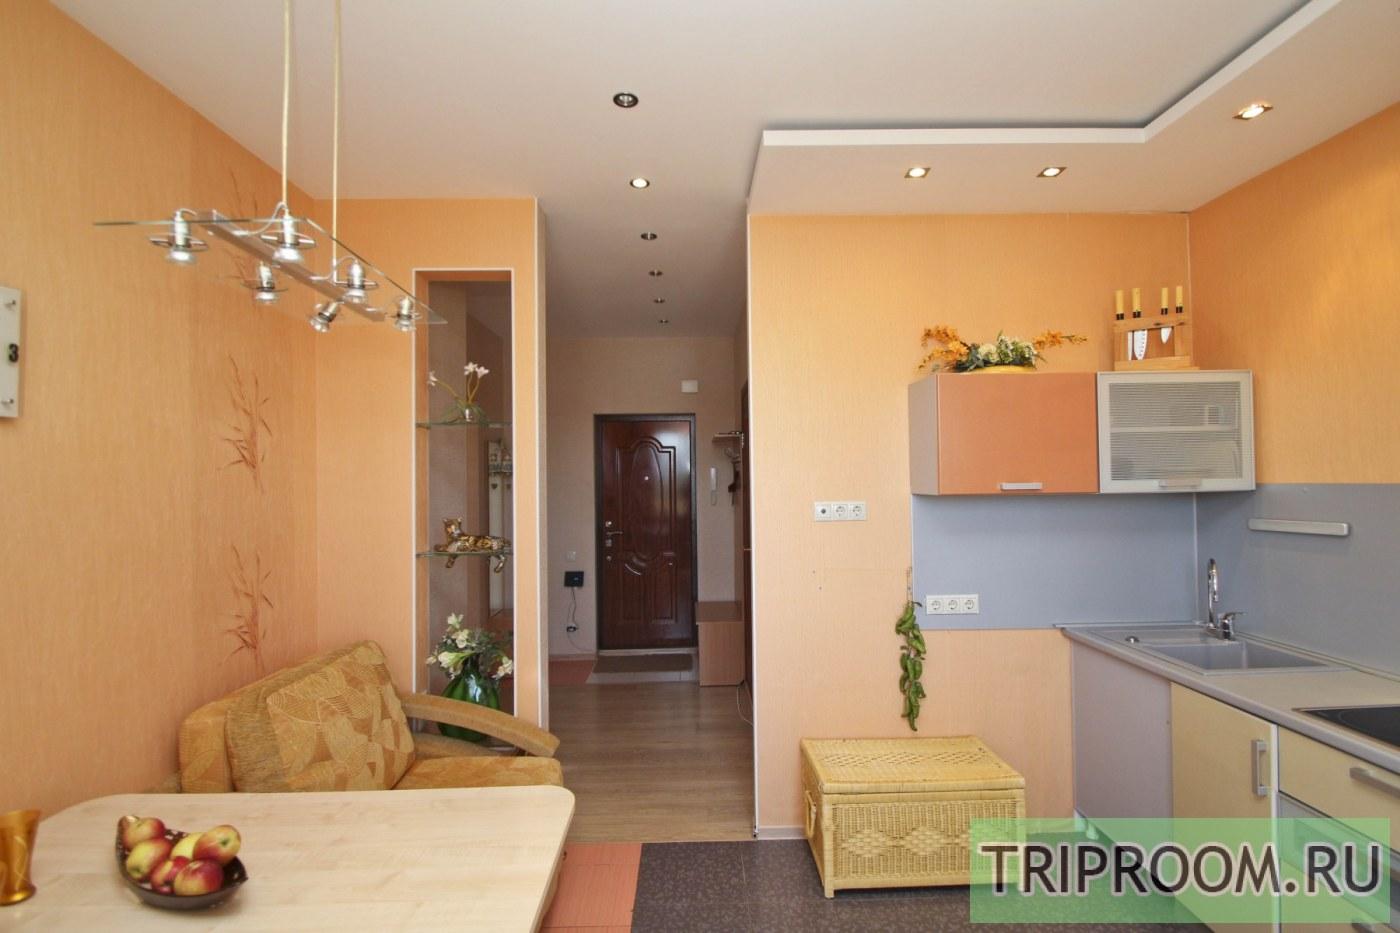 2-комнатная квартира посуточно (вариант № 37512), ул. Университетская улица, фото № 5